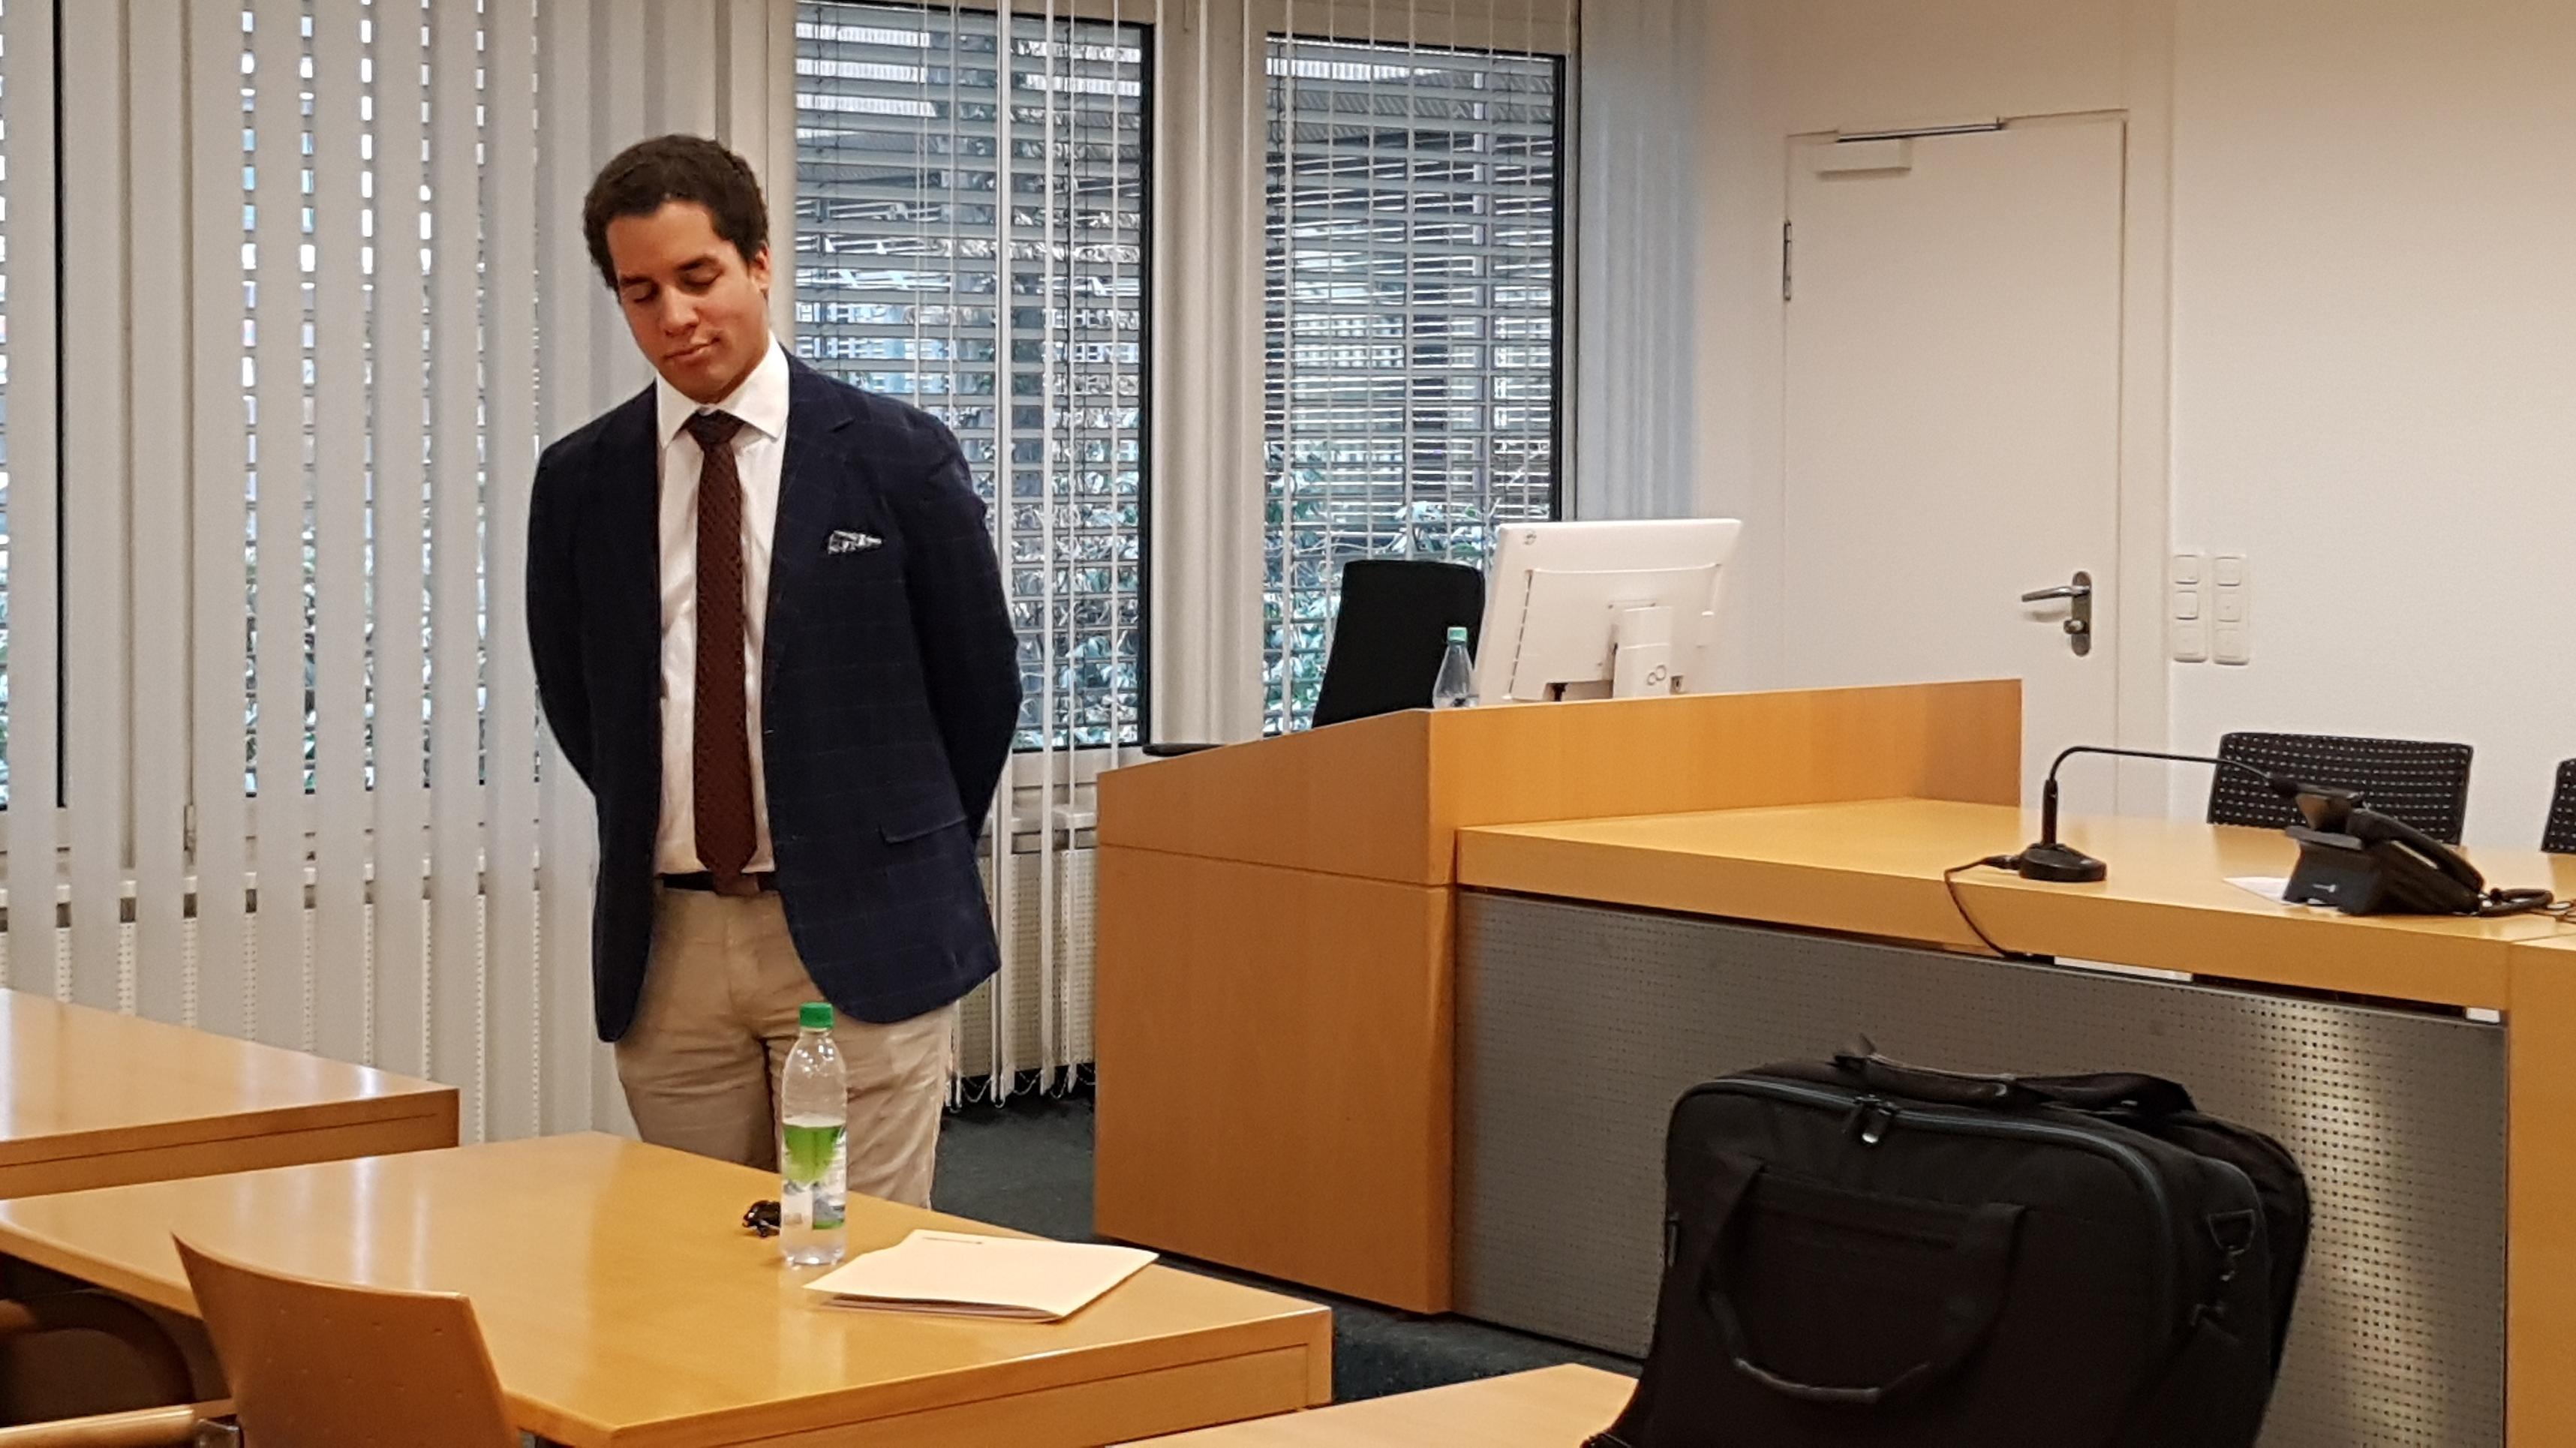 Frauenparkplatz Kläger Dominik B. Bayer im Gerichtssaal